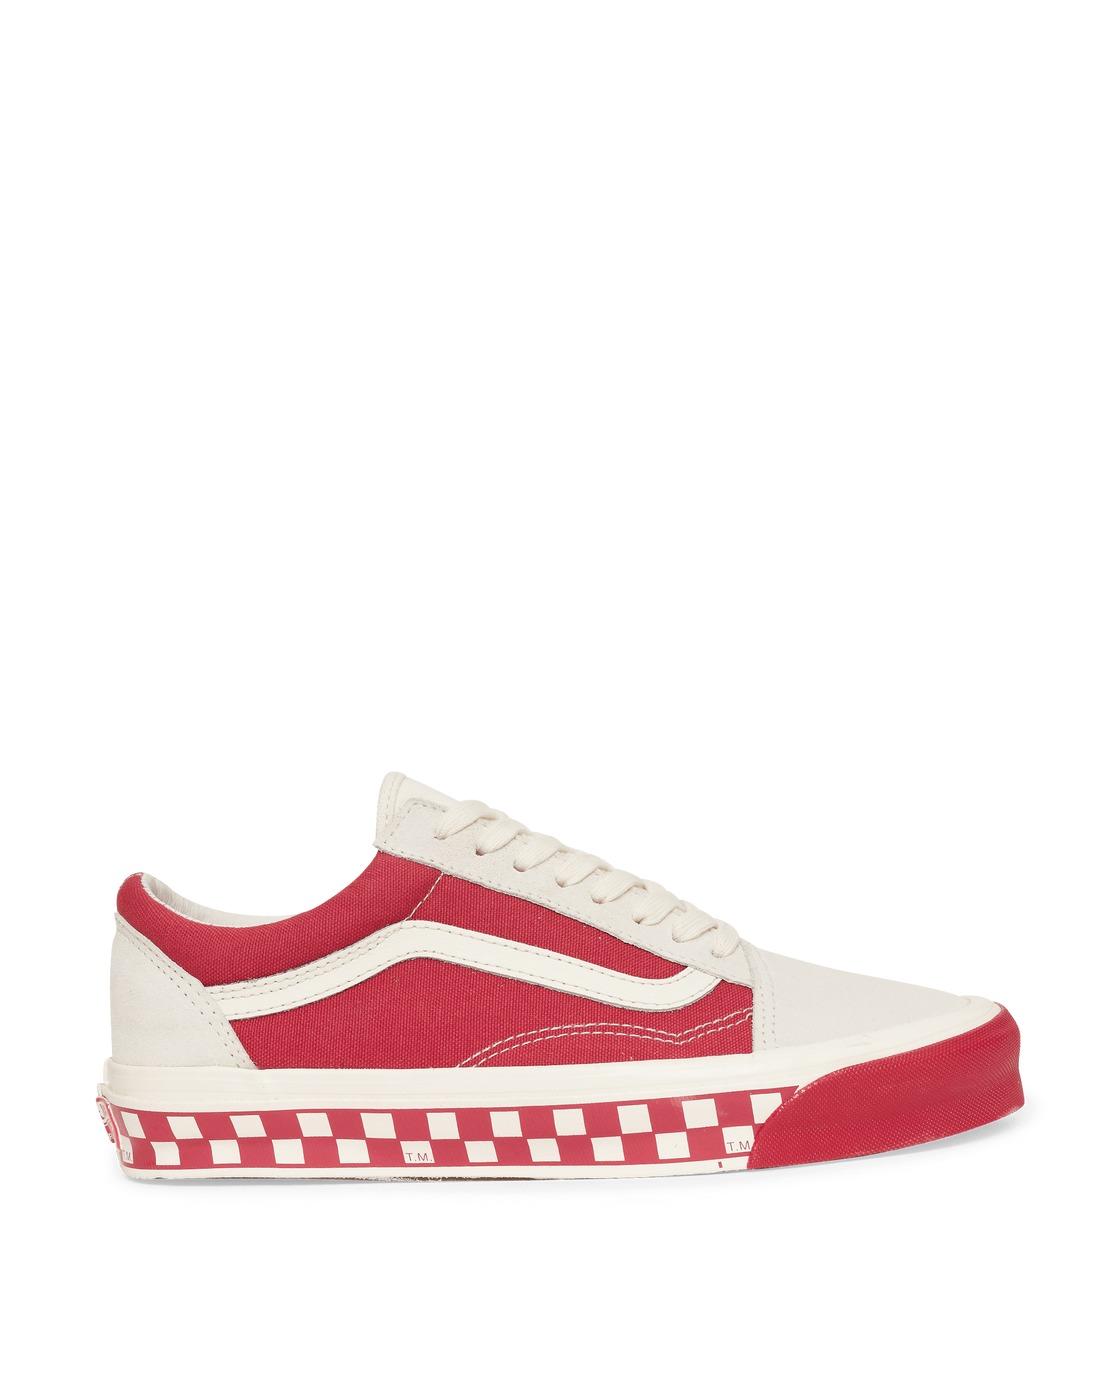 Photo: Vans Og Old Skool Lx Sneakers Mshmlwcardnl